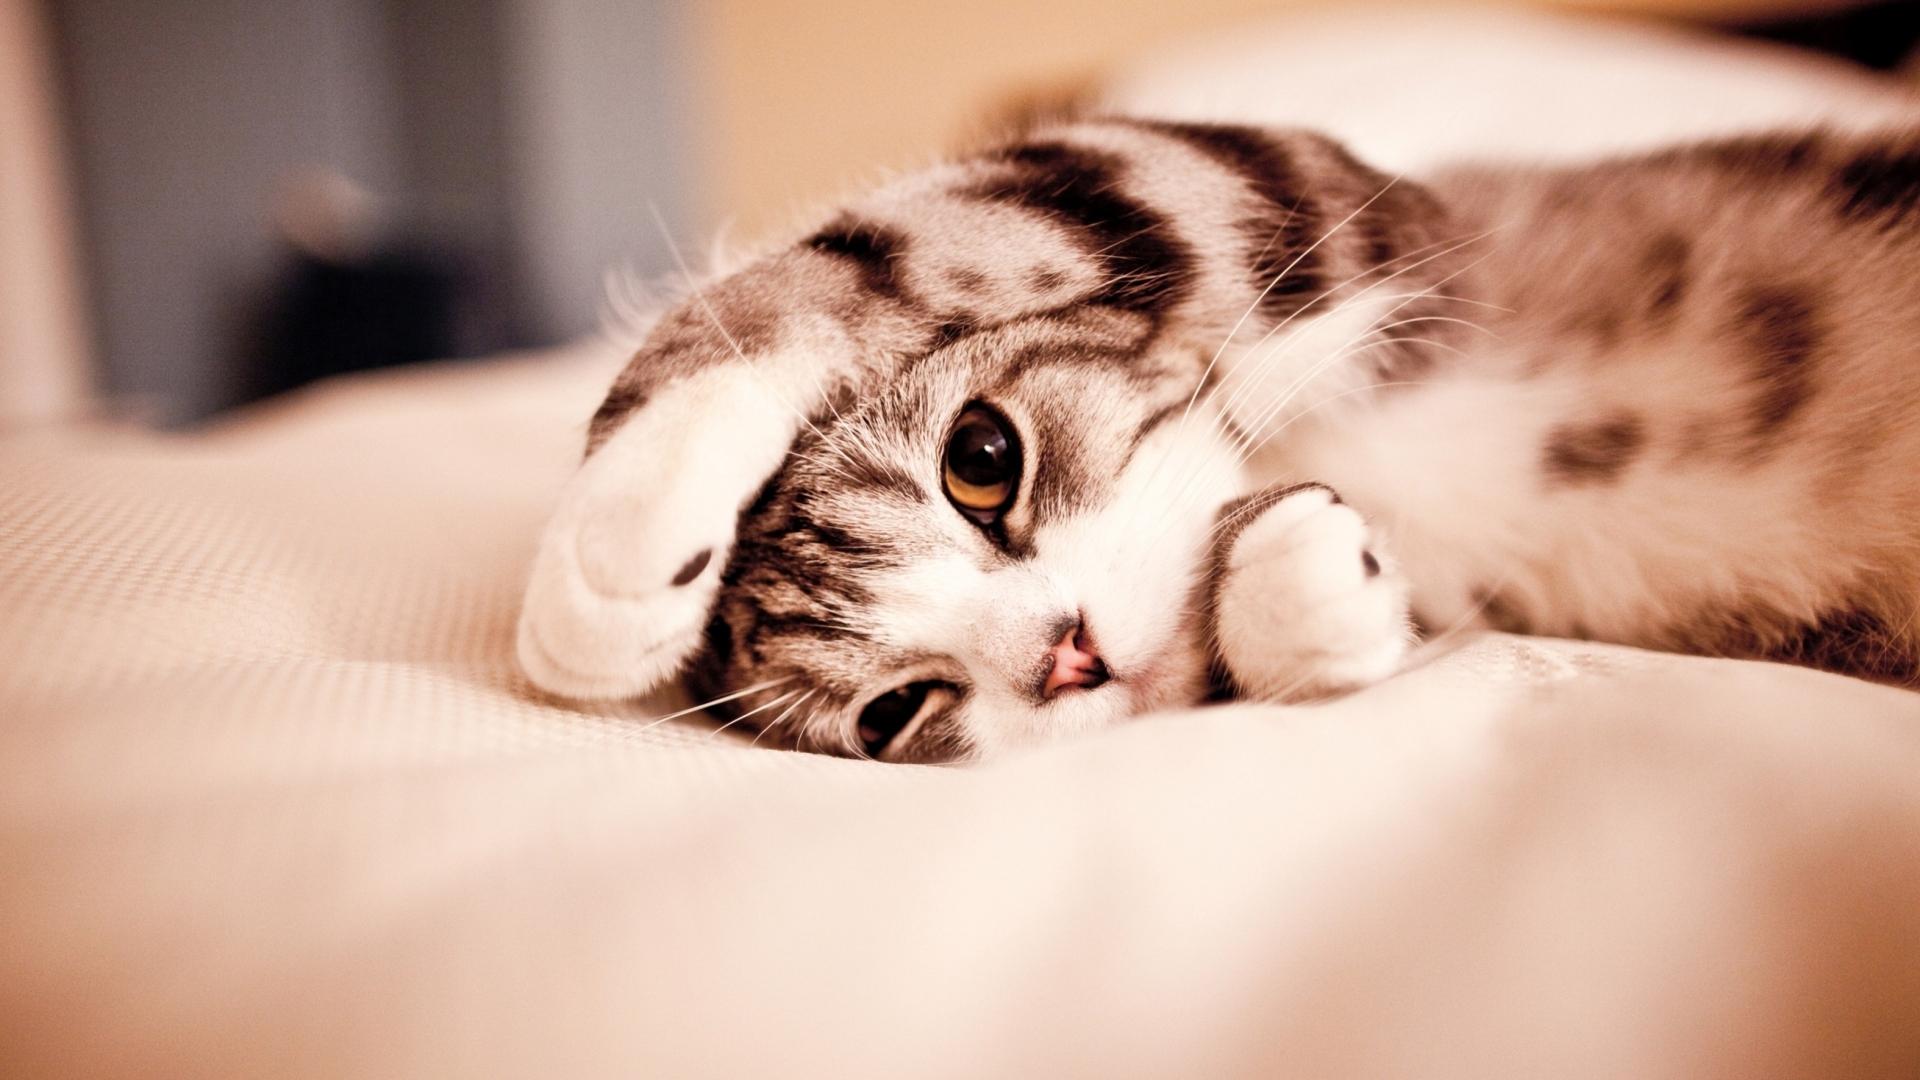 кот, кошка спит, скачать фото, обои для рабочего стола